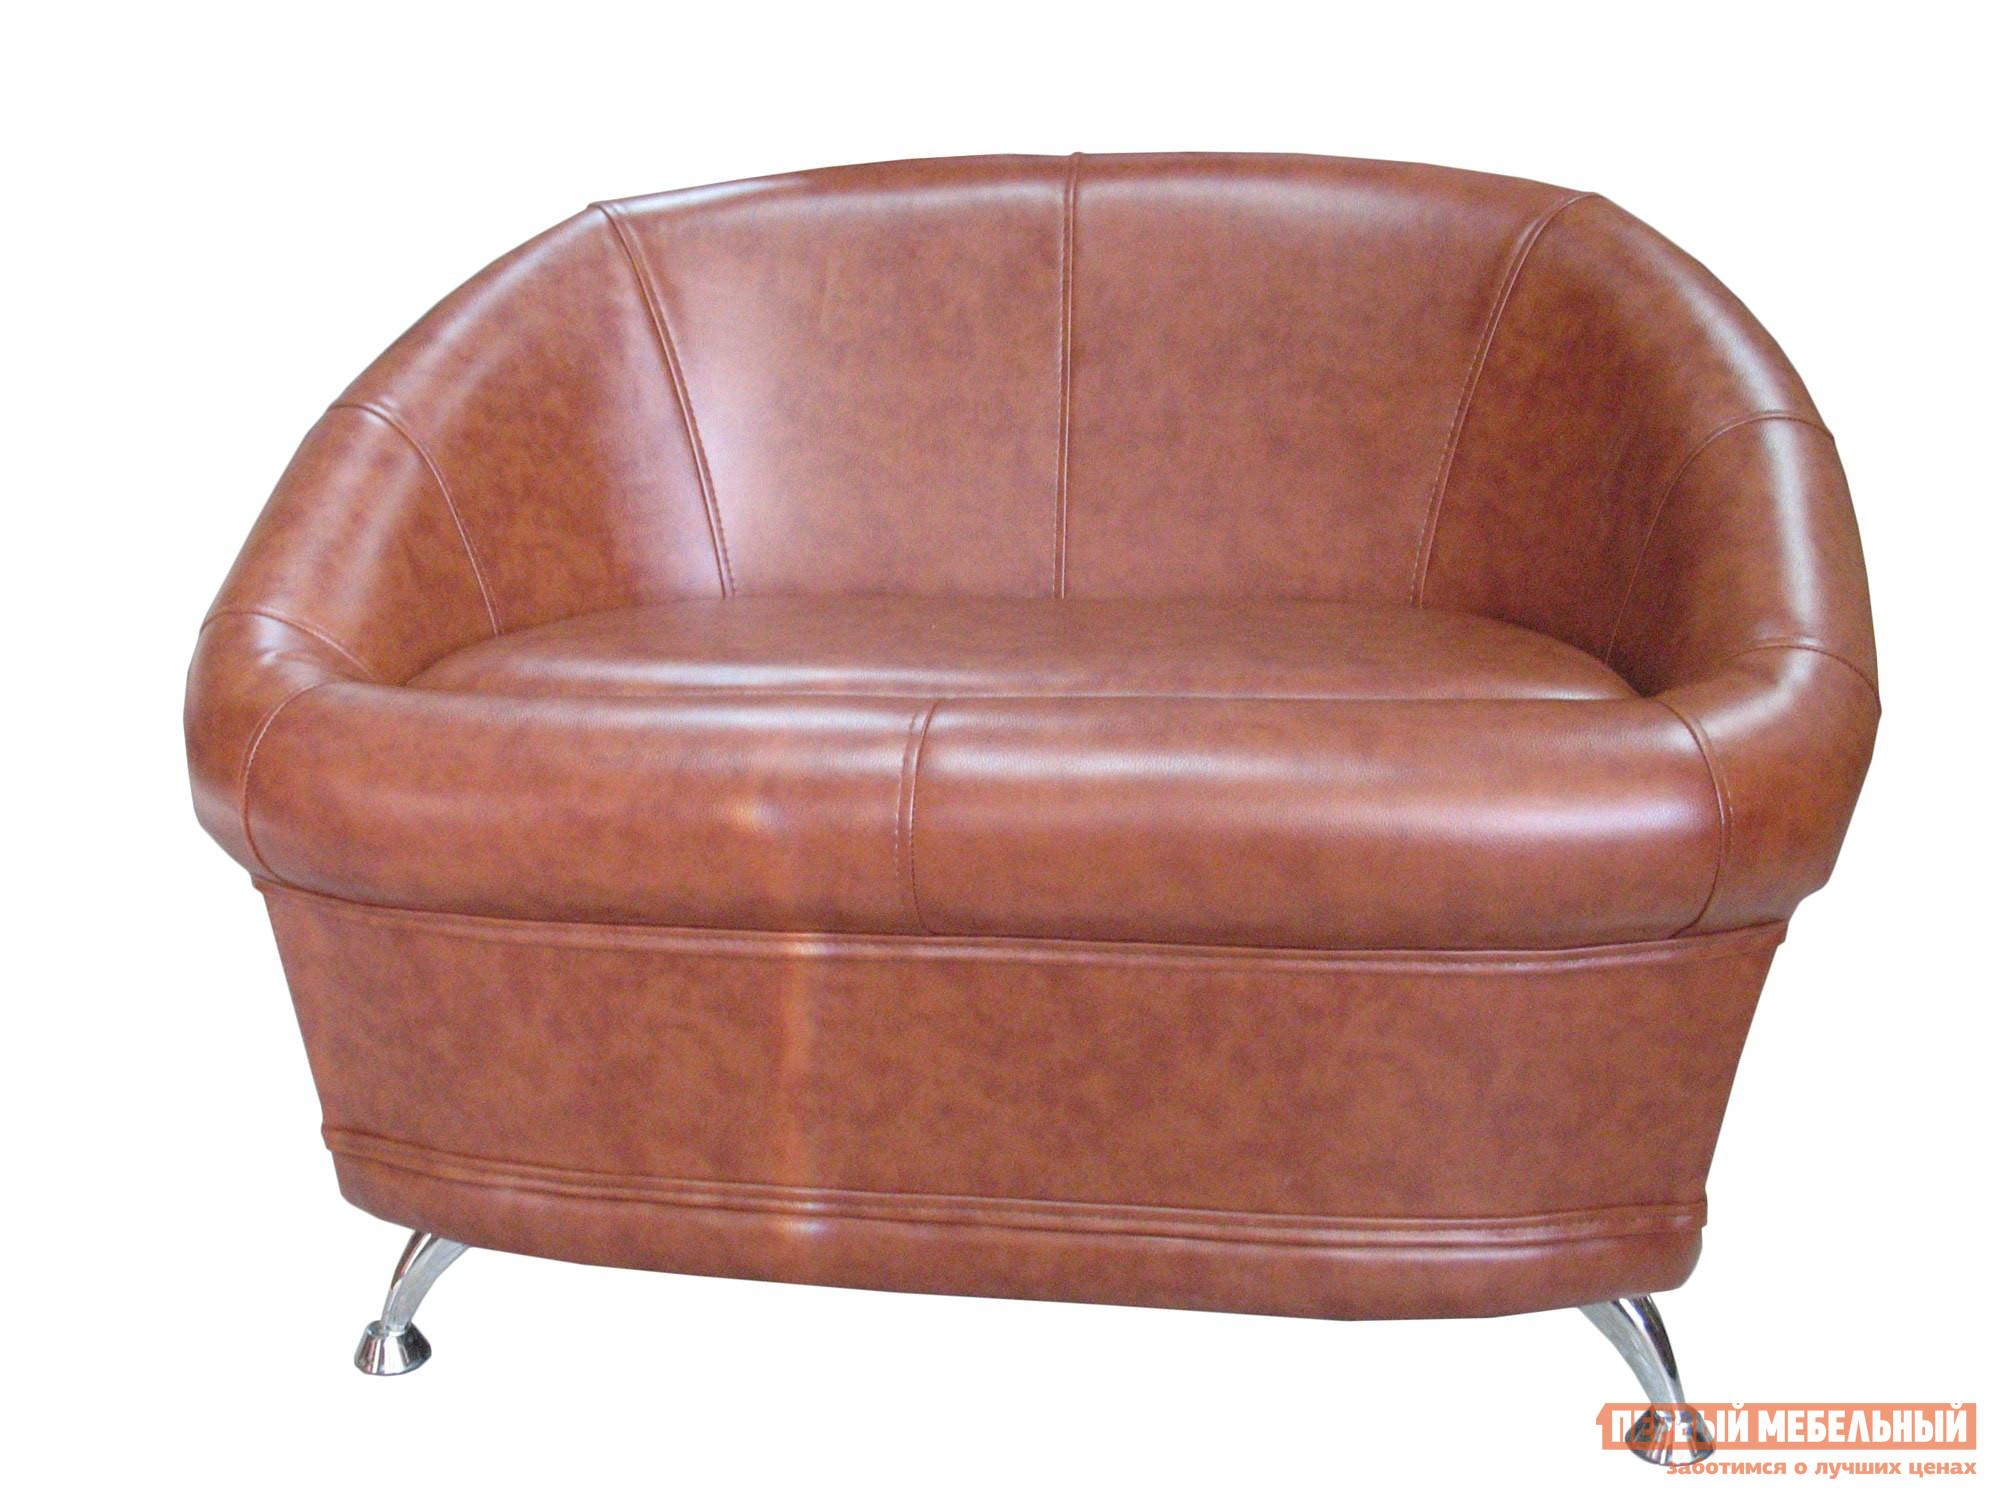 Банкетка Гранд Кволити 6-5154 Коричневая иск. кожаБанкетки<br>Габаритные размеры ВхШхГ 800x1000x700 мм. Небольшой стильный диванчик — удобный предмет мебели для прихожей в квартире или в загородном доме.  Модель выполнена в сдержанном дизайне и прекрасно впишется в любой интерьер.  Мягкие сиденье и спинка обеспечат комфортное пребывание на диване. Сиденье — съемное, под ним располагается вместительная ниша для самых разных мелочей. Четыре металлические ножки позволят протереть пол во время уборки. Каркас дивана выполняется из дерева и фанеры, наполнение — поролон, обивка — искусственная кожа. Диван поставляется в собранном виде, требуется только прикрутить ножки.<br><br>Цвет: Коричневая иск. кожа<br>Цвет: Коричневый<br>Высота мм: 800<br>Ширина мм: 1000<br>Глубина мм: 700<br>Кол-во упаковок: 1<br>Форма поставки: В разобранном виде<br>Срок гарантии: 12 месяцев<br>Тип: Скамья, Кресла<br>Назначение: В прихожую, Для офиса, Для гостиной<br>Материал: из искусственной кожи<br>Форма: Прямоугольные<br>Размер: Большие, Широкие, Двухместные<br>Высота: Высокие<br>Особенности: С ящиками, С подлокотниками, С мягким сиденьем, На ножках, Со спинкой<br>Стиль: Современный